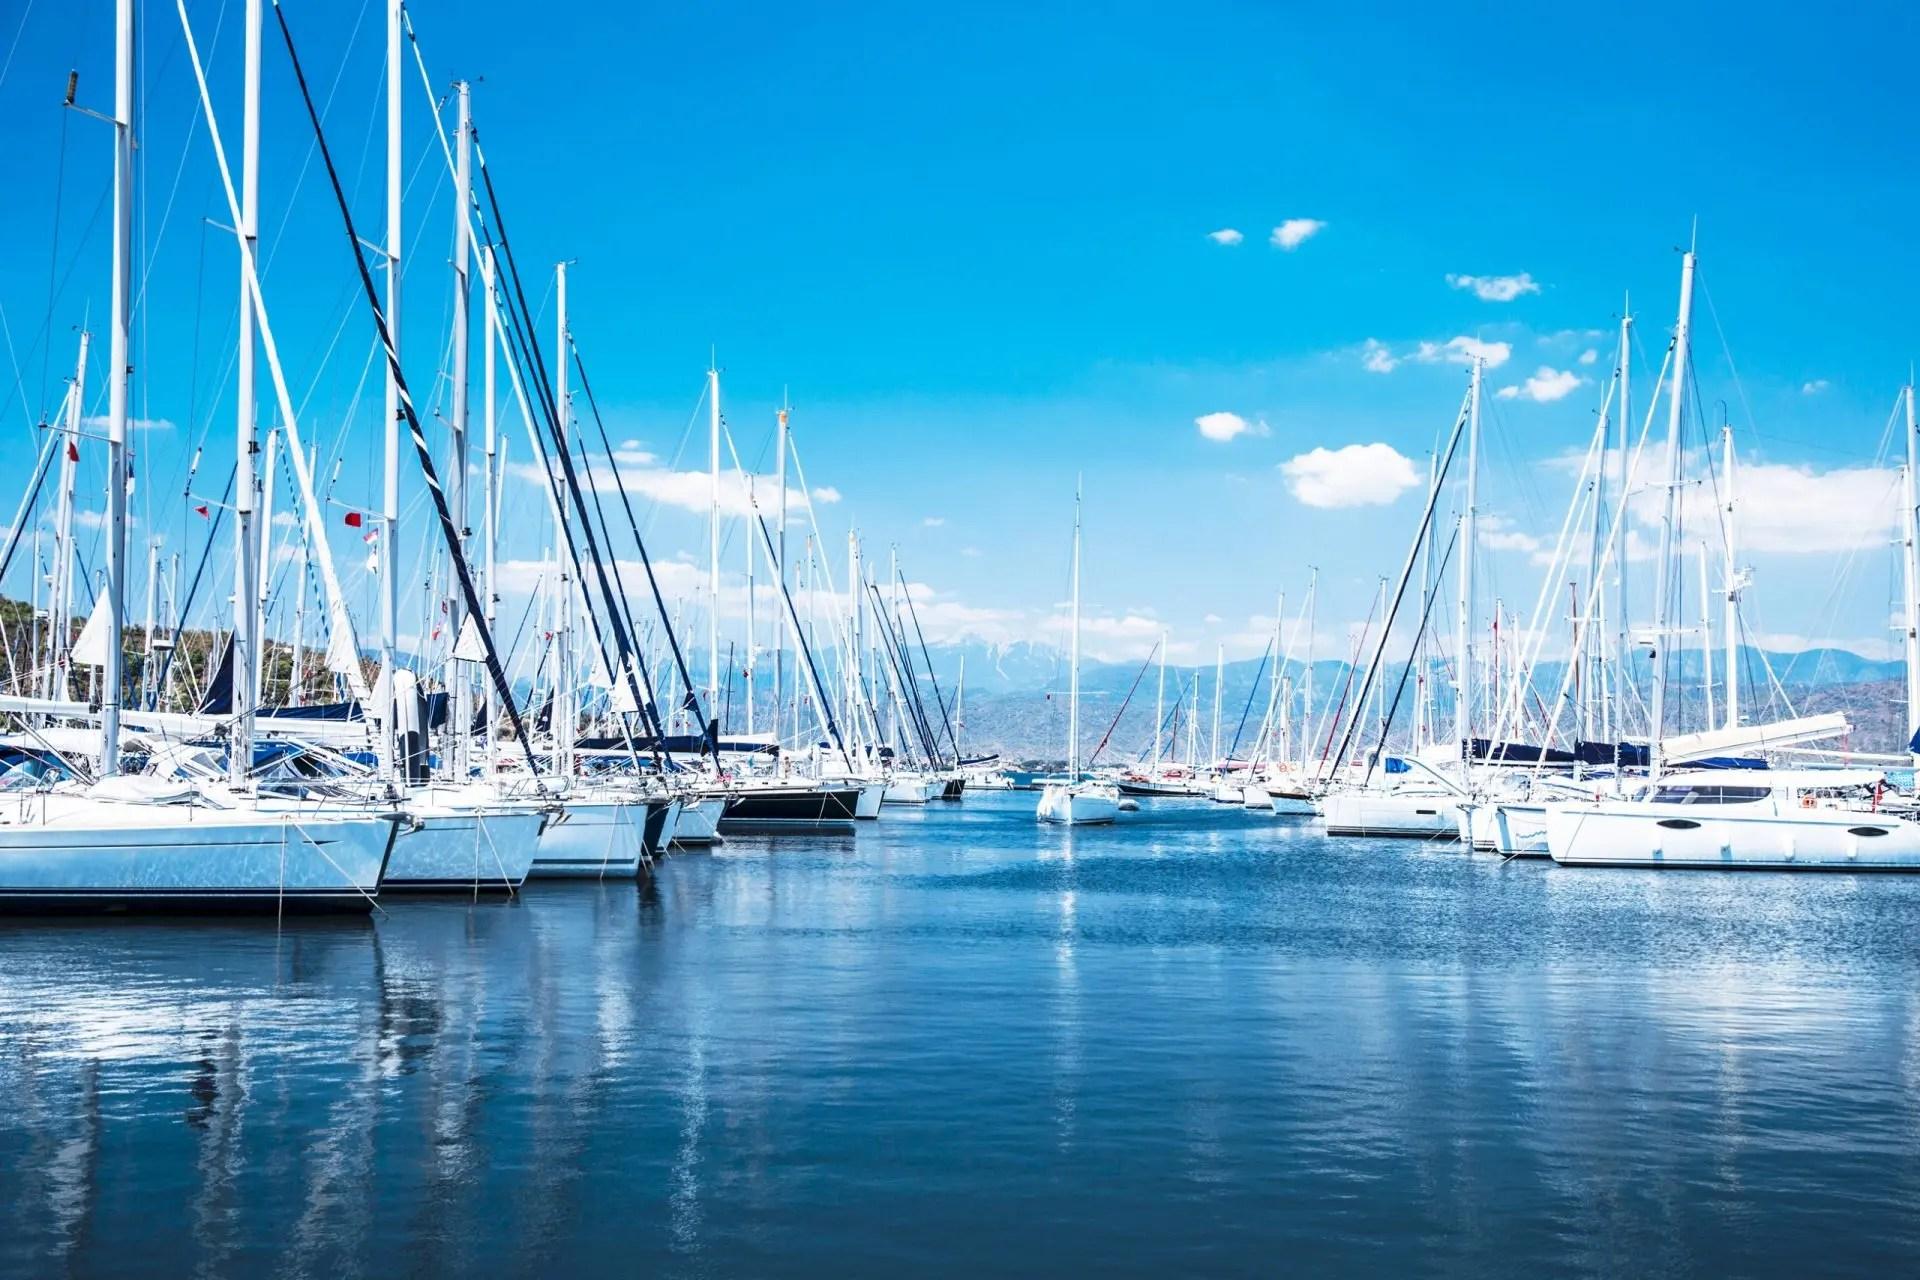 Barca a vela: 3, 2, 1, si parte! 2 consigli pratici.